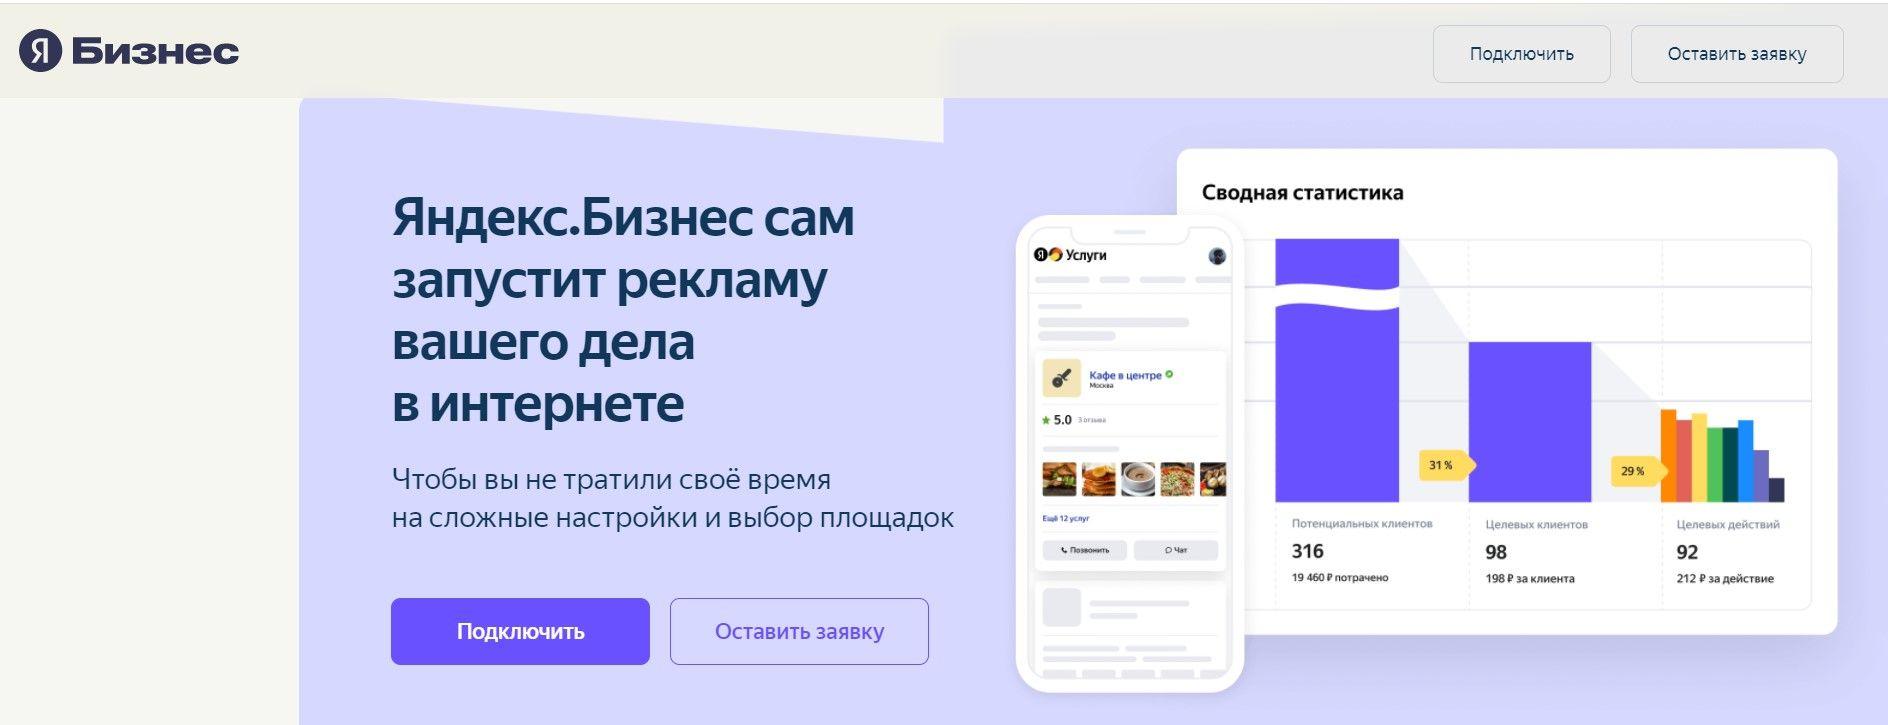 Яндекс.Бизнес нацелен продать вам рекламу, но есть возможности и помимо нее